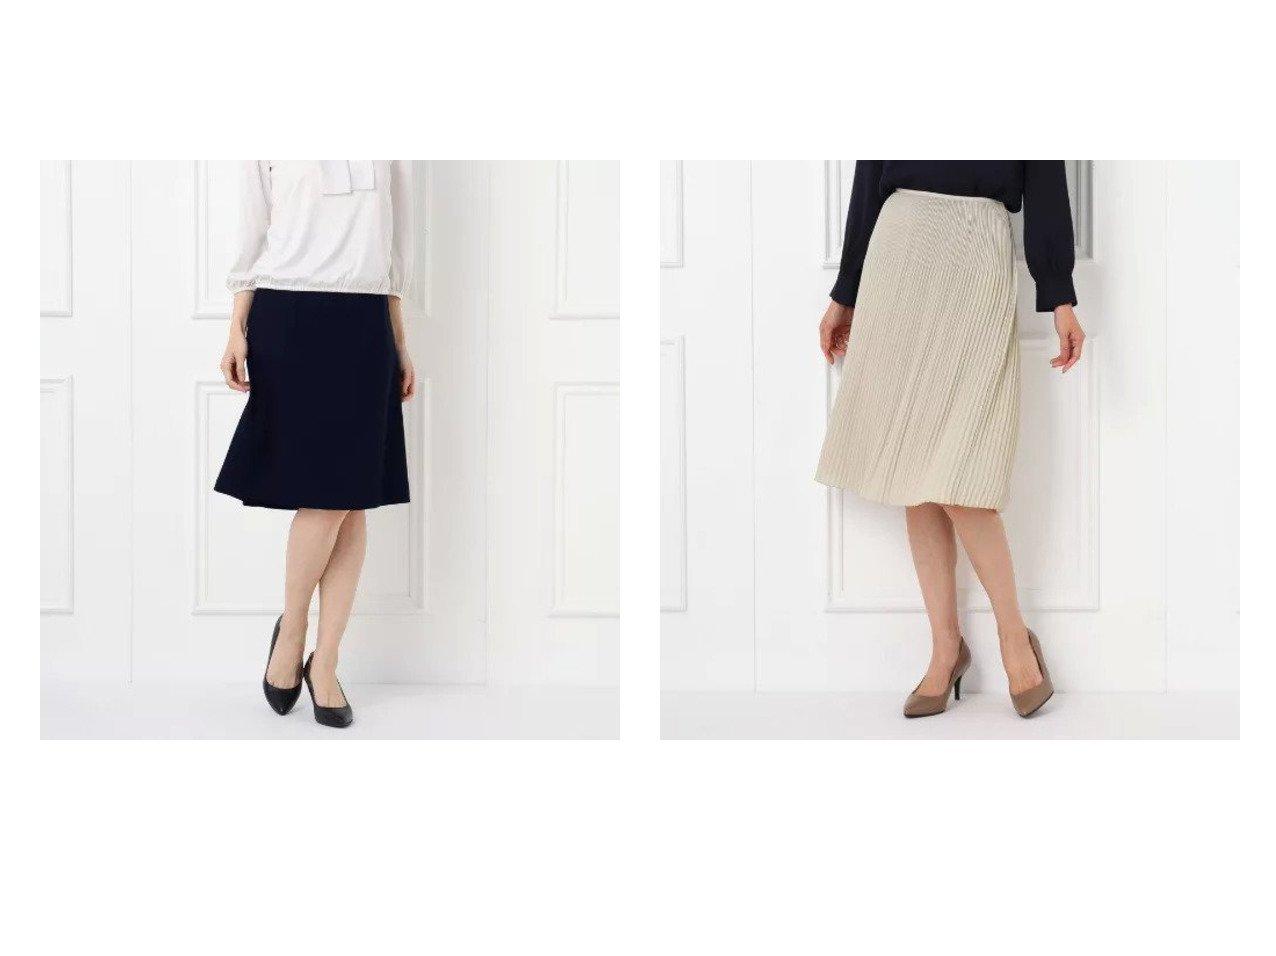 【UNTITLED/アンタイトル】の【抗菌防臭】トリアセアーバンストレッチフレアスカート&ラフィネジョーゼットプリーツスカート スカートのおすすめ!人気トレンド・レディースファッションの通販 おすすめで人気の流行・トレンド、ファッションの通販商品 メンズファッション・キッズファッション・インテリア・家具・レディースファッション・服の通販 founy(ファニー) https://founy.com/ ファッション Fashion レディースファッション WOMEN スカート Skirt Aライン/フレアスカート Flared A-Line Skirts プリーツスカート Pleated Skirts ジャケット ストレッチ スリット フォーマル フレア ポケット 抗菌 ジョーゼット プリーツ  ID:crp329100000008539